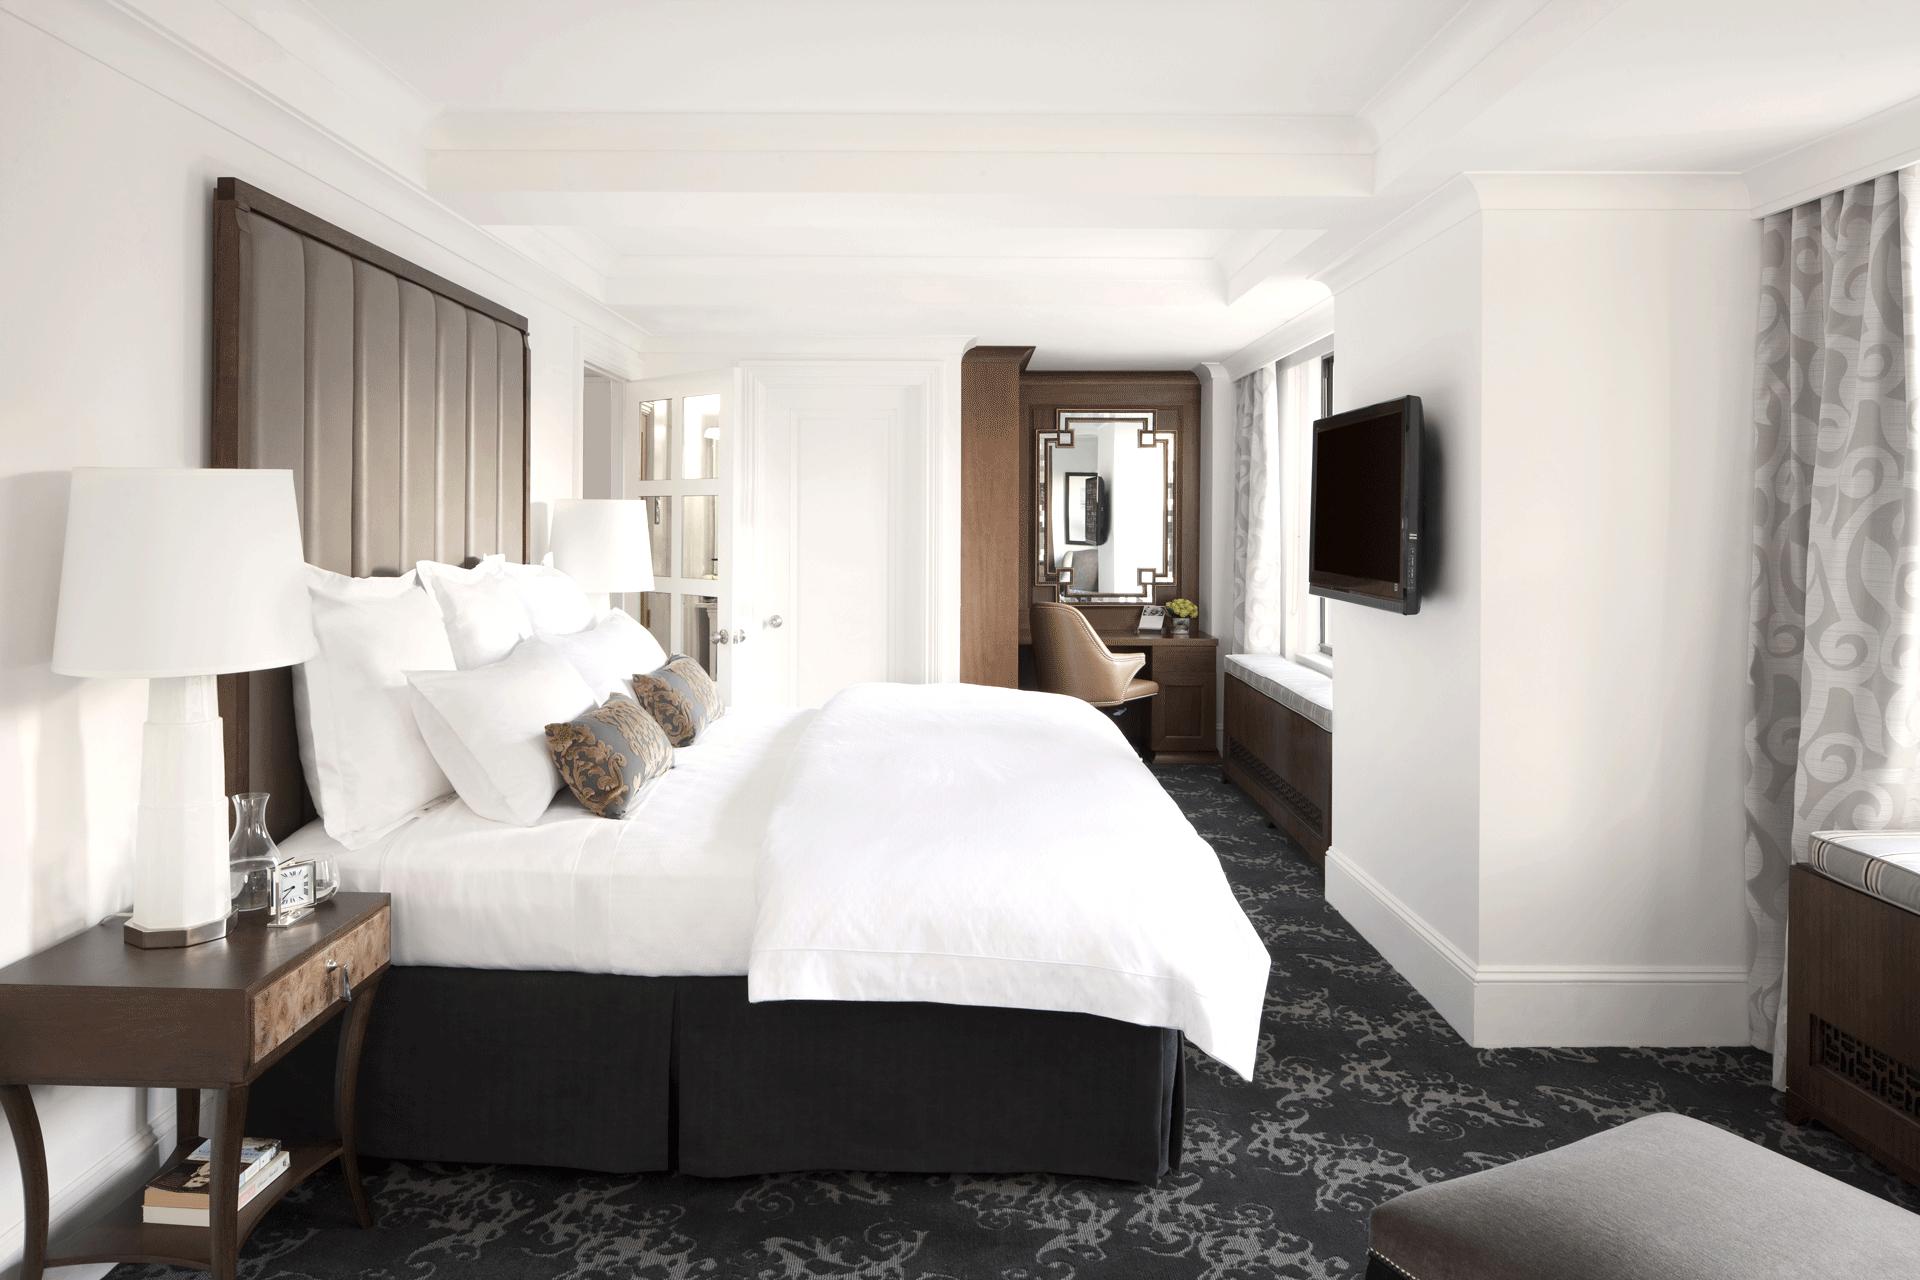 Beste Schlafzimmer Bemerkenswert On In Modern Ideen Und Luxus Auf Mit 9